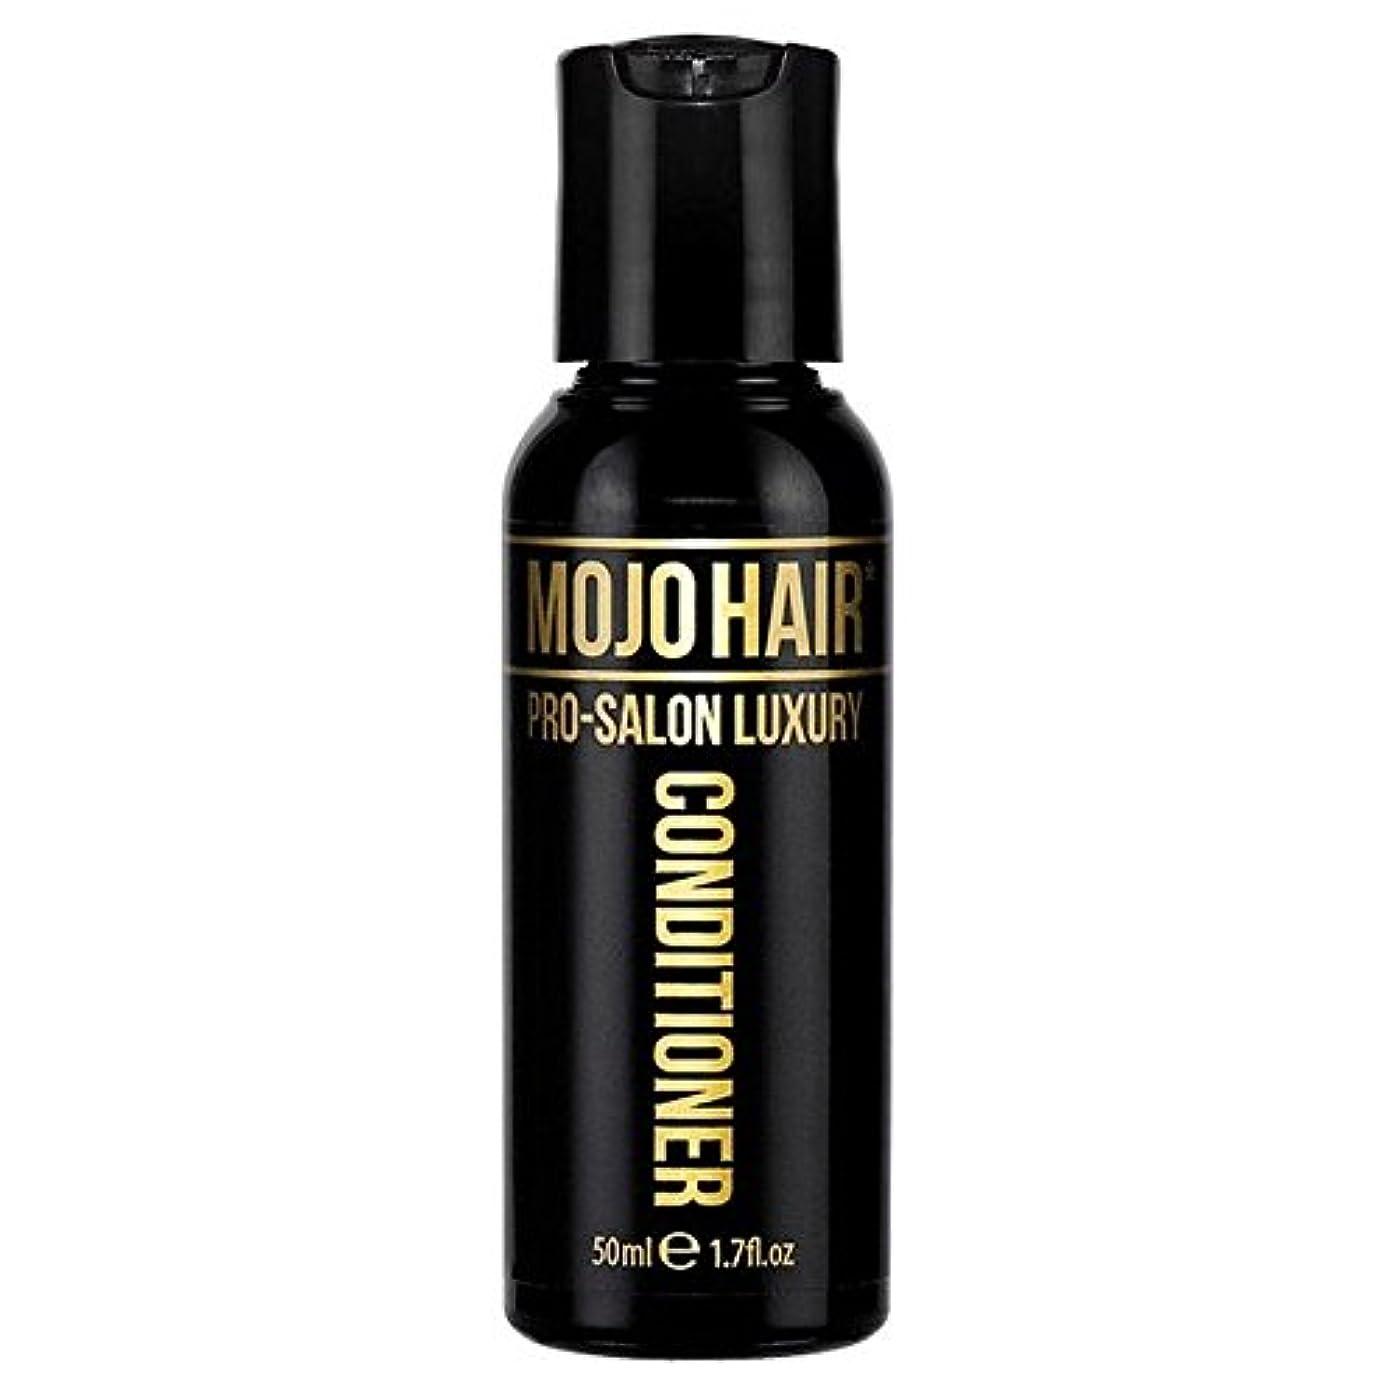 MOJO HAIR Pro-Salon Luxury Fragrance Conditioner for Men, Travel Size 50ml - 男性のためのモジョの毛プロのサロンの贅沢な香りコンディショナー、トラベルサイズ...